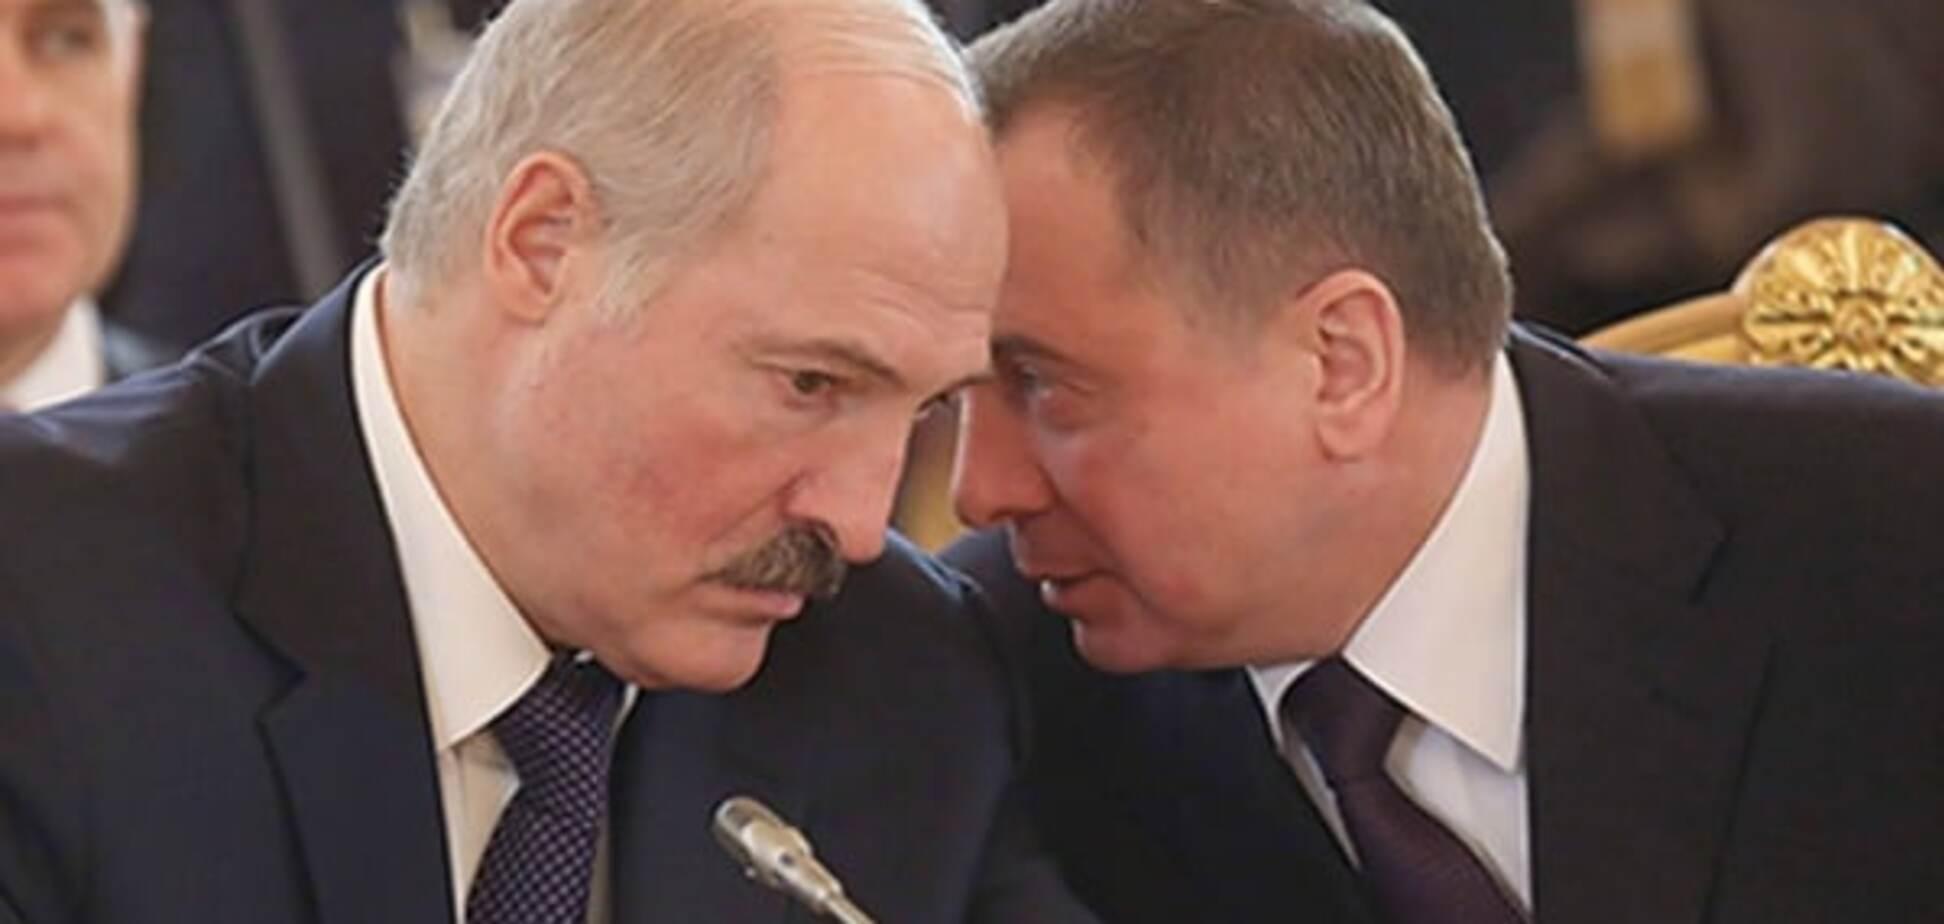 'Де-факто': Білорусь заявила про визнання Криму частиною Росії